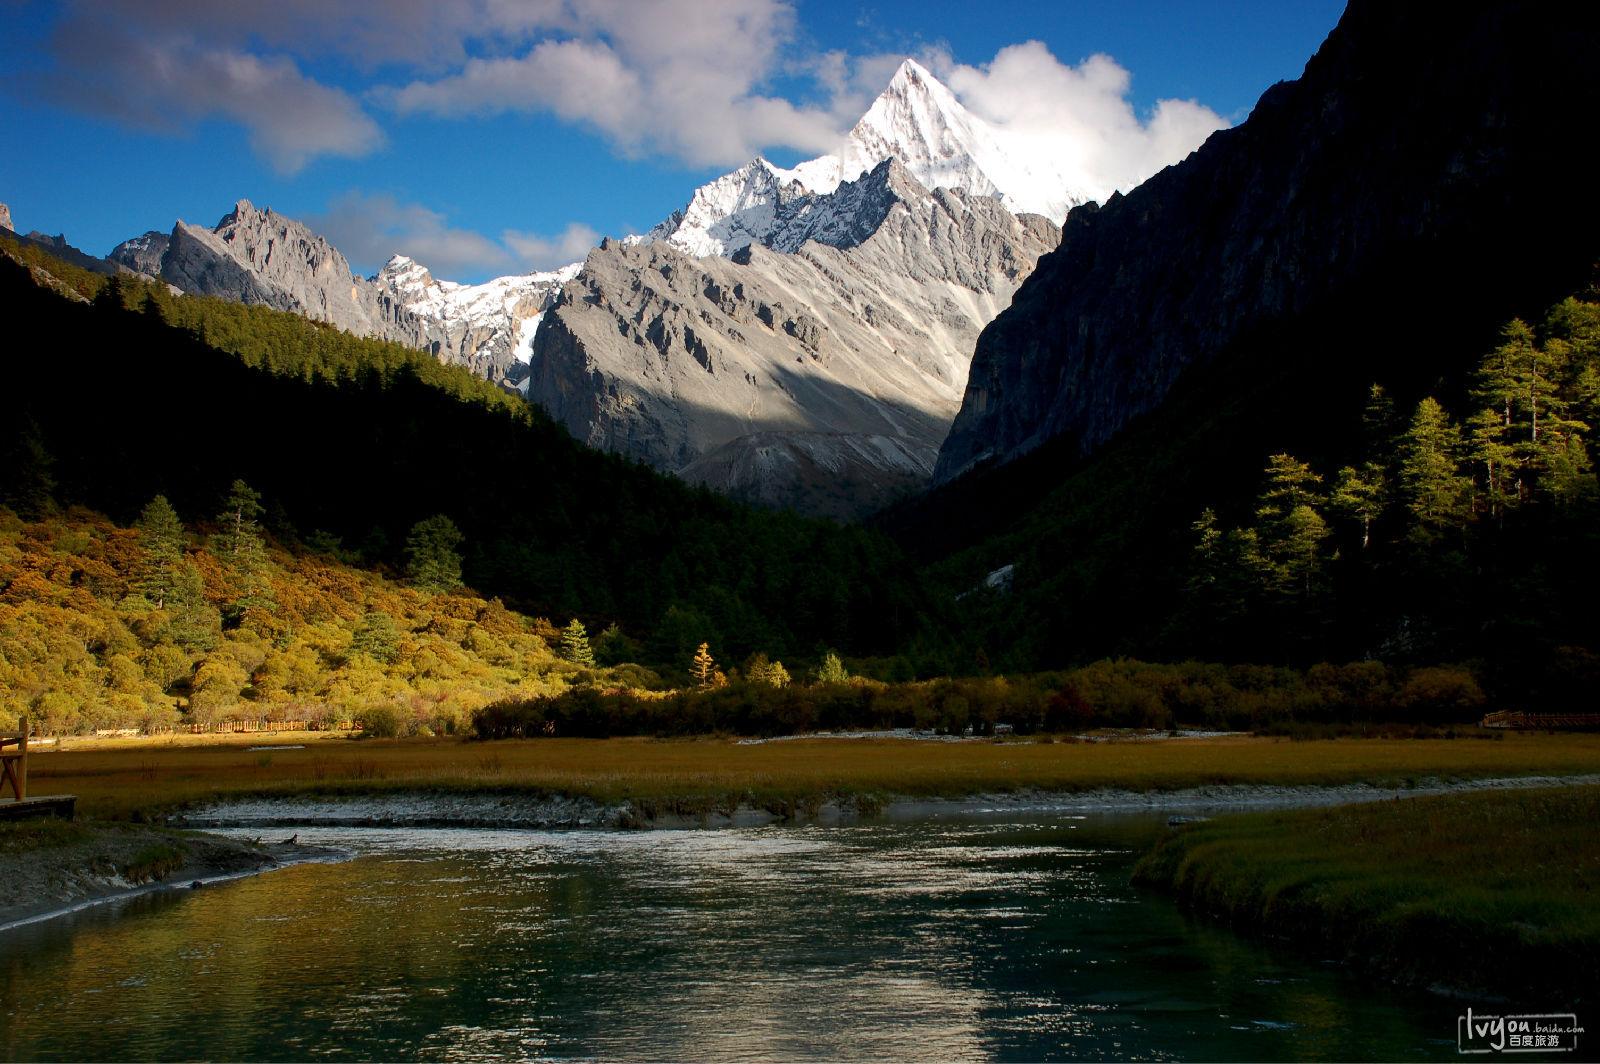 八月出发川西体验最美的川藏公路南线,目的地稻城亚丁.